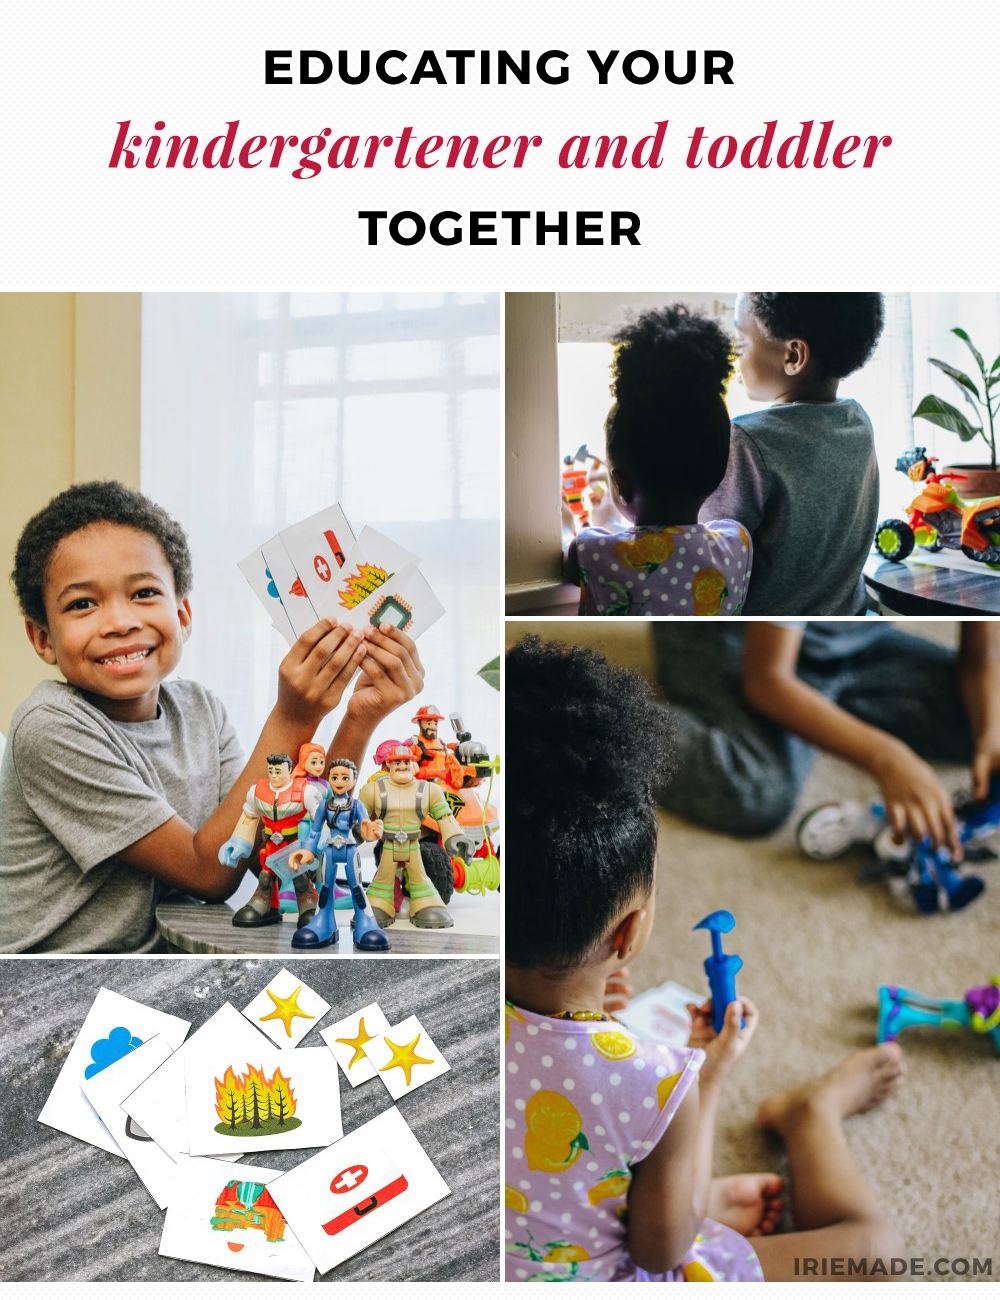 Educating a Kindergartner and Toddler Together